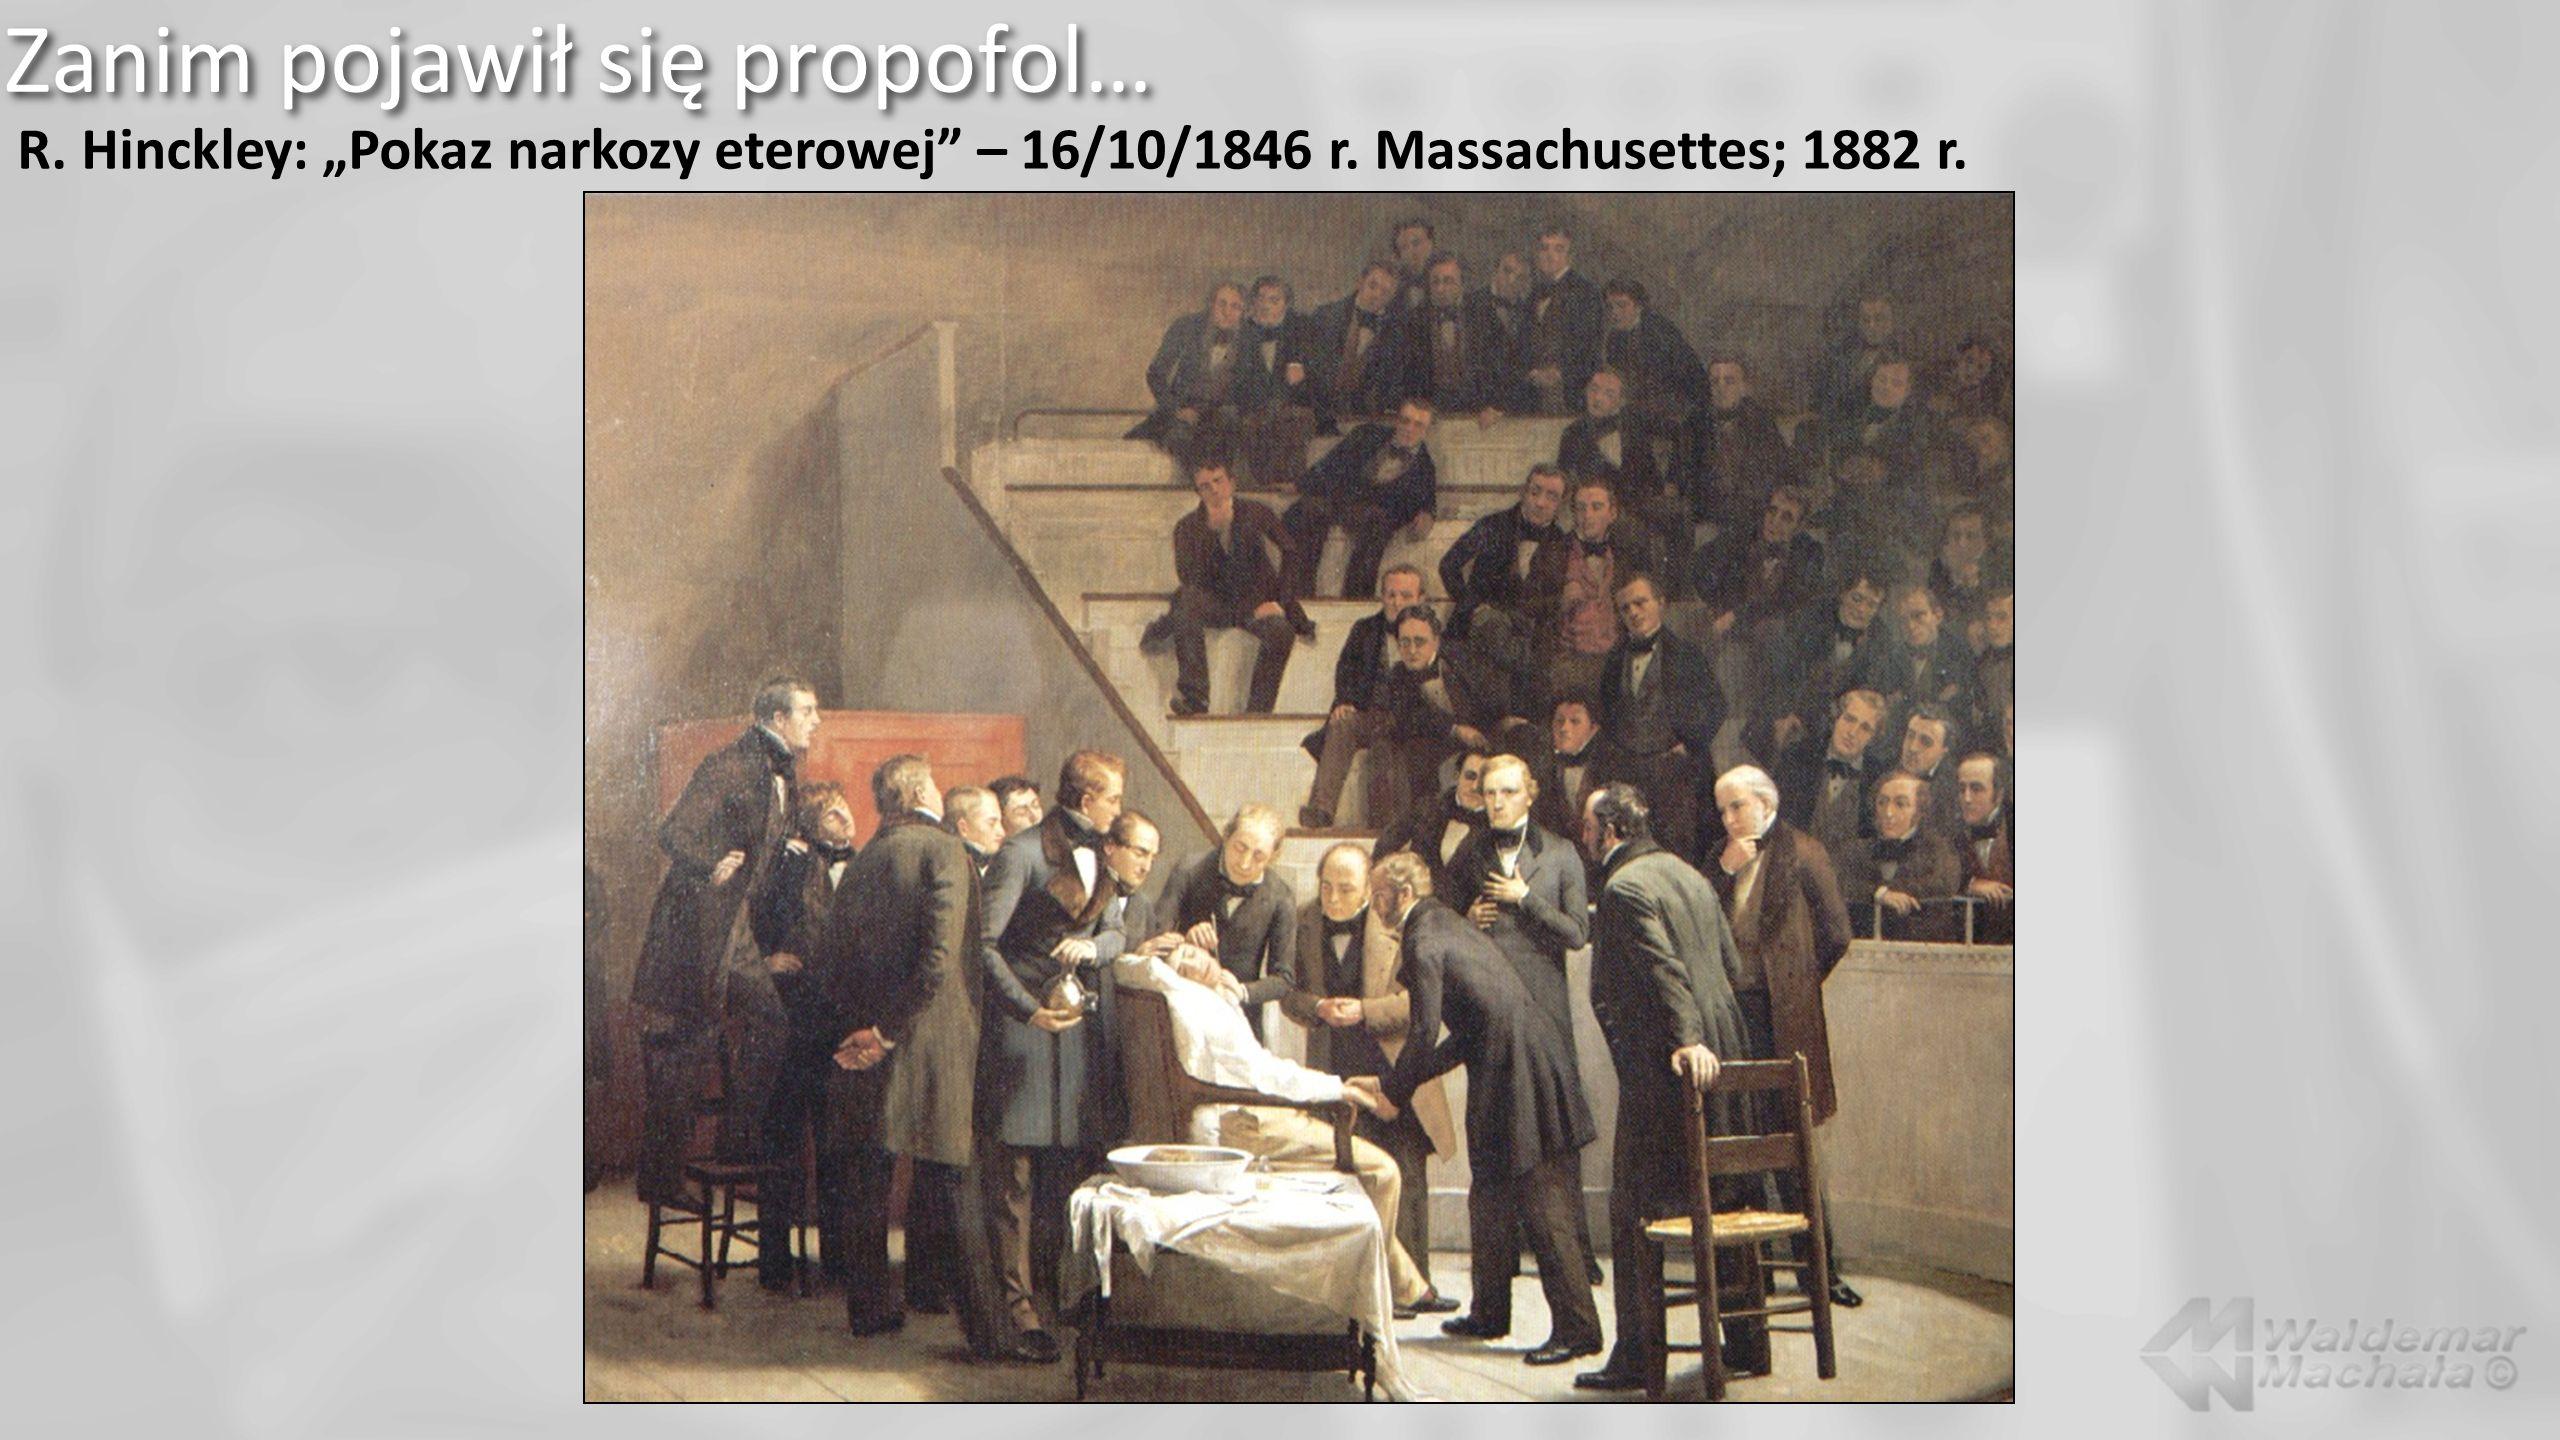 Propofol… Propofol – ograniczenia (ból w czasie podawania): Mniejszy dzięki emulsji MCT/LCT.